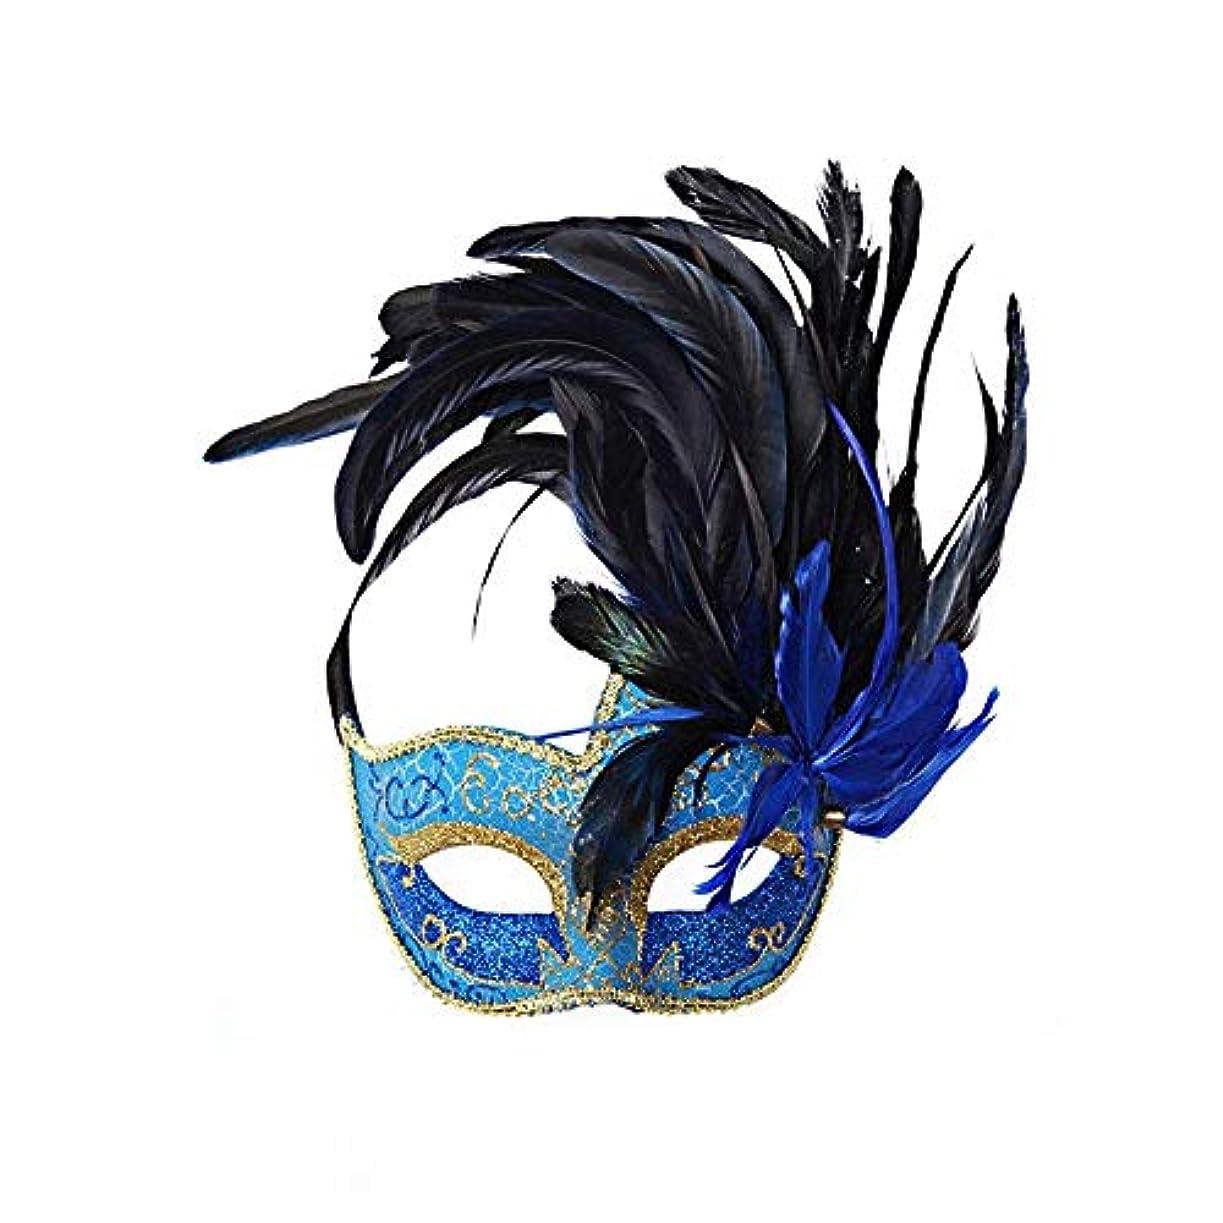 足首大胆不敵問い合わせるNanle ハロウィンマスクハーフフェザーマスクベニスプリンセスマスク美容レース仮面ライダーコスプレ (色 : Style A blue)